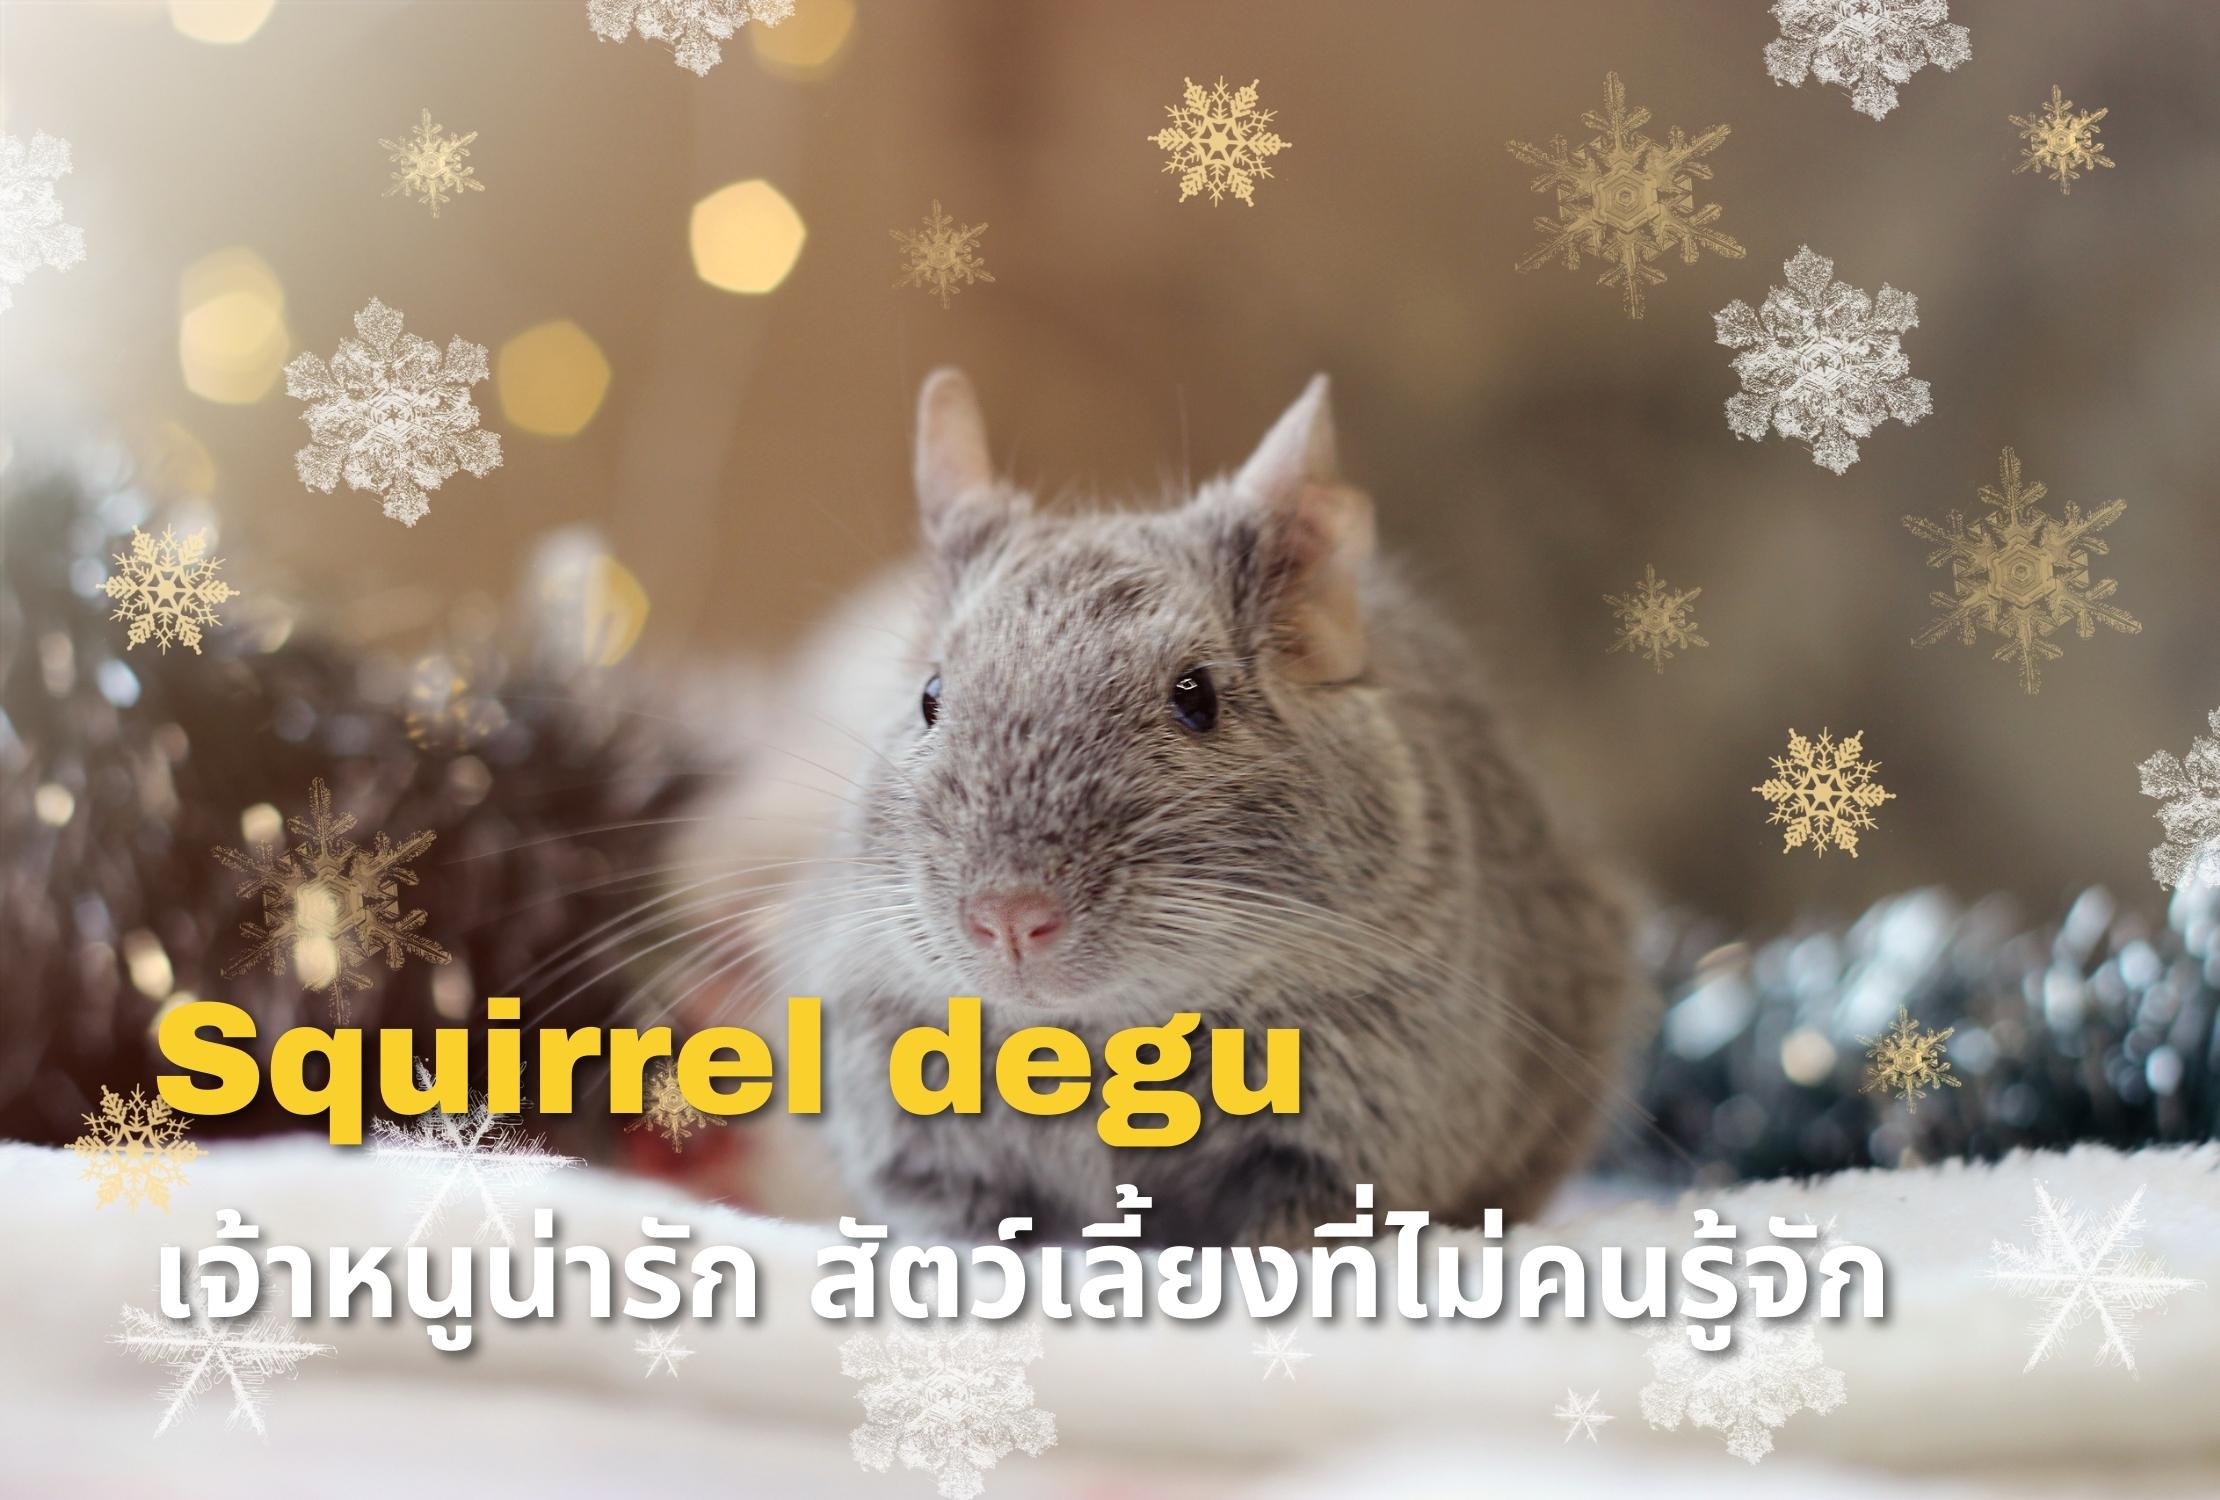 Squirrel degu เจ้าหนูน่ารัก ซึ่งเป็นสัตว์เลี้ยงชนิดใหม่ที่ไม่ค่อยไม่คนรู้จักนัก